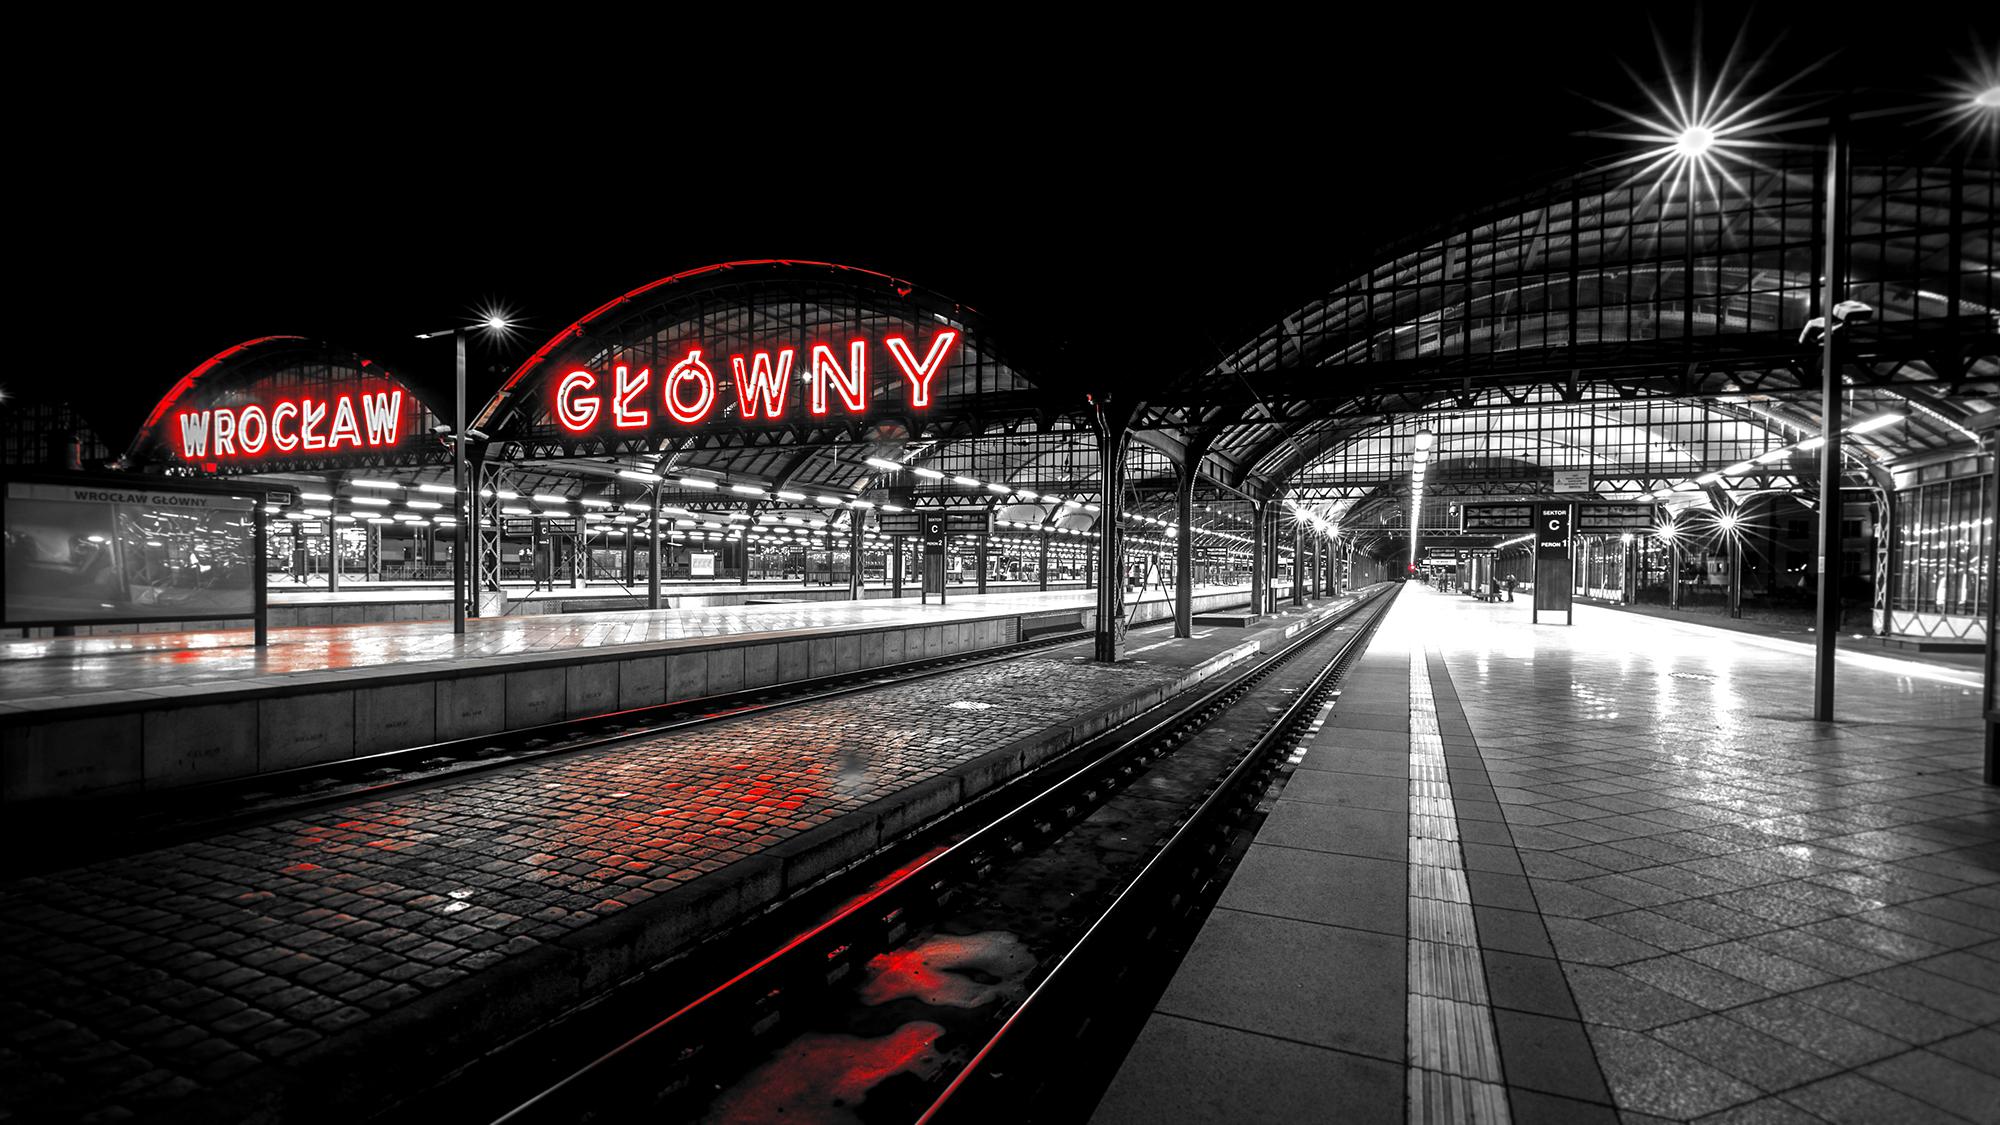 Wroclaw-Breslau Centraal Station